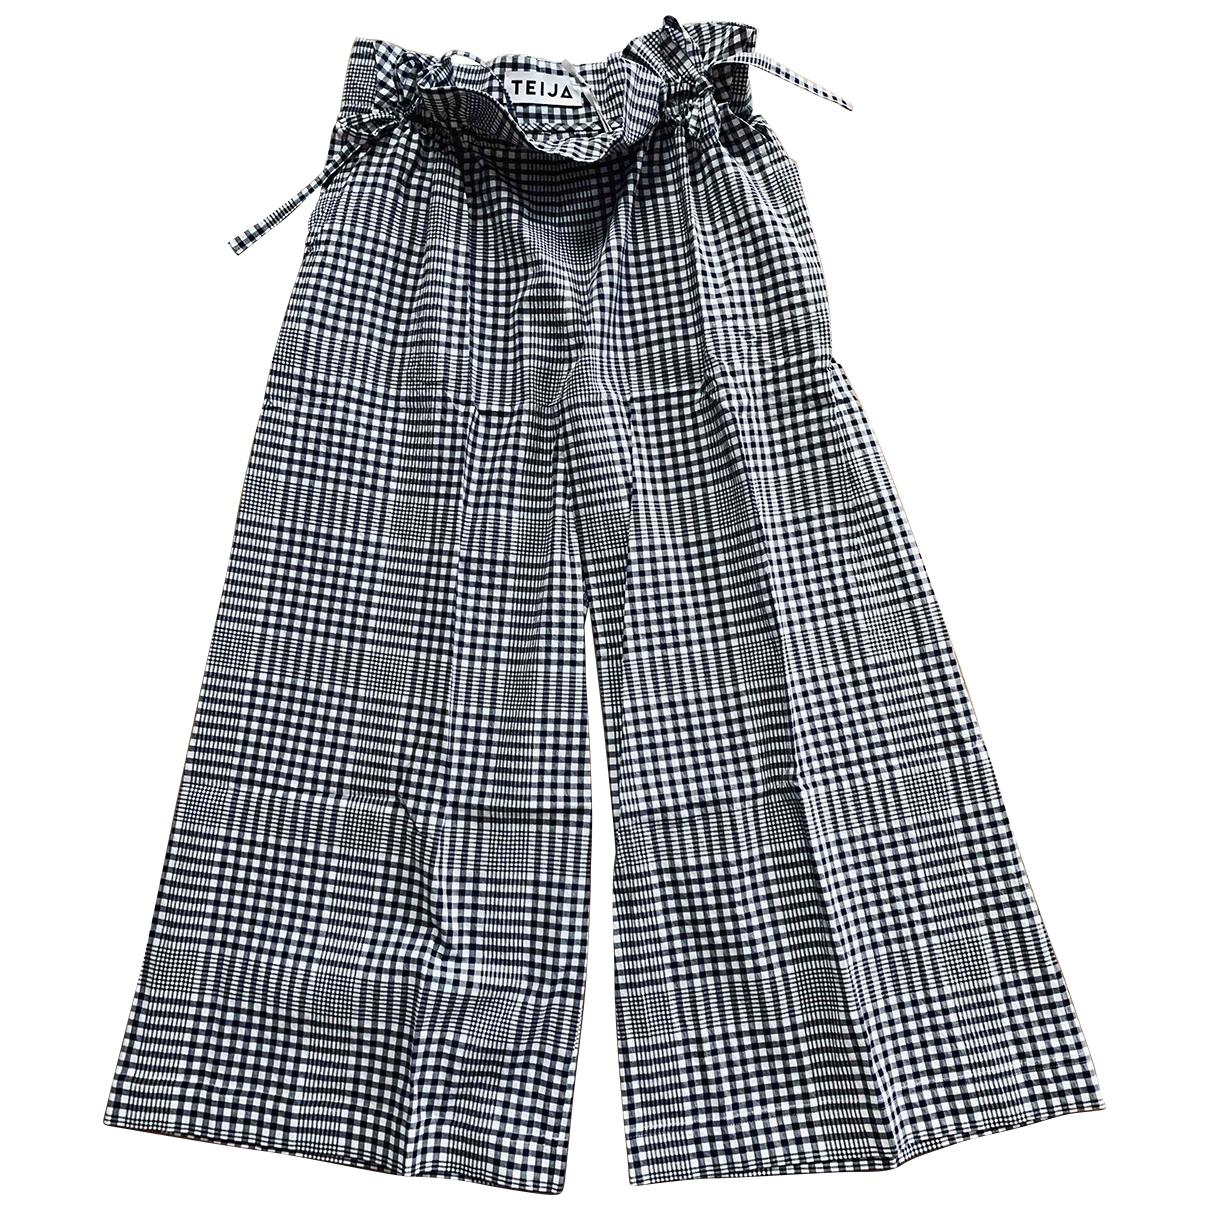 Pantalon recto Teija